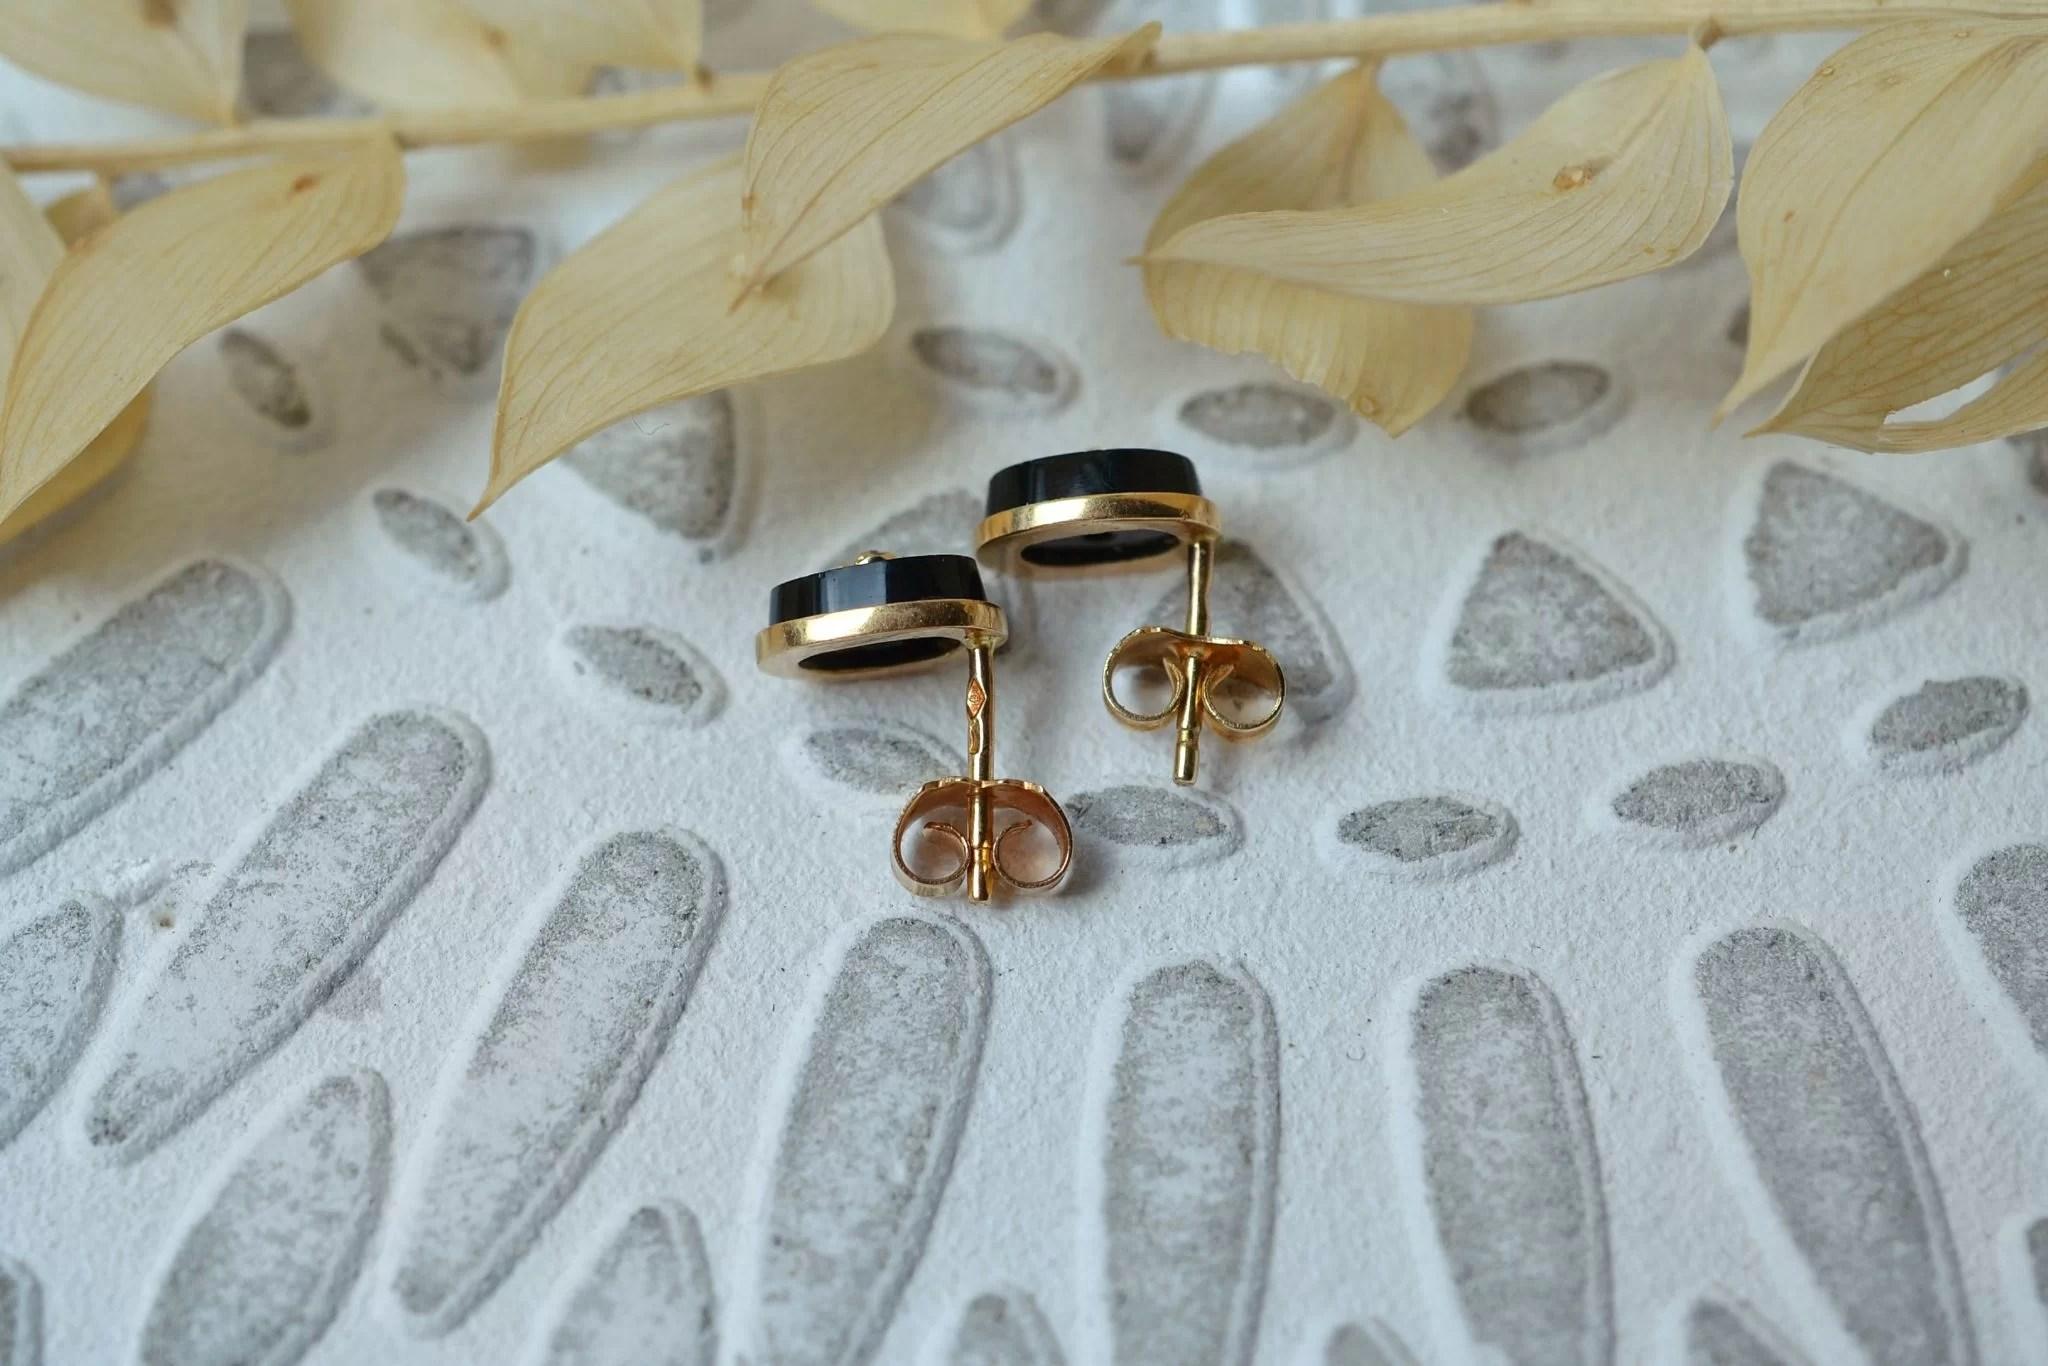 Paire de boucles d_oreilles en Or jaune rosé, serties toutes les deux d_une plaque d_Onyx agrémentée d_un diamant - bijoux Vintage